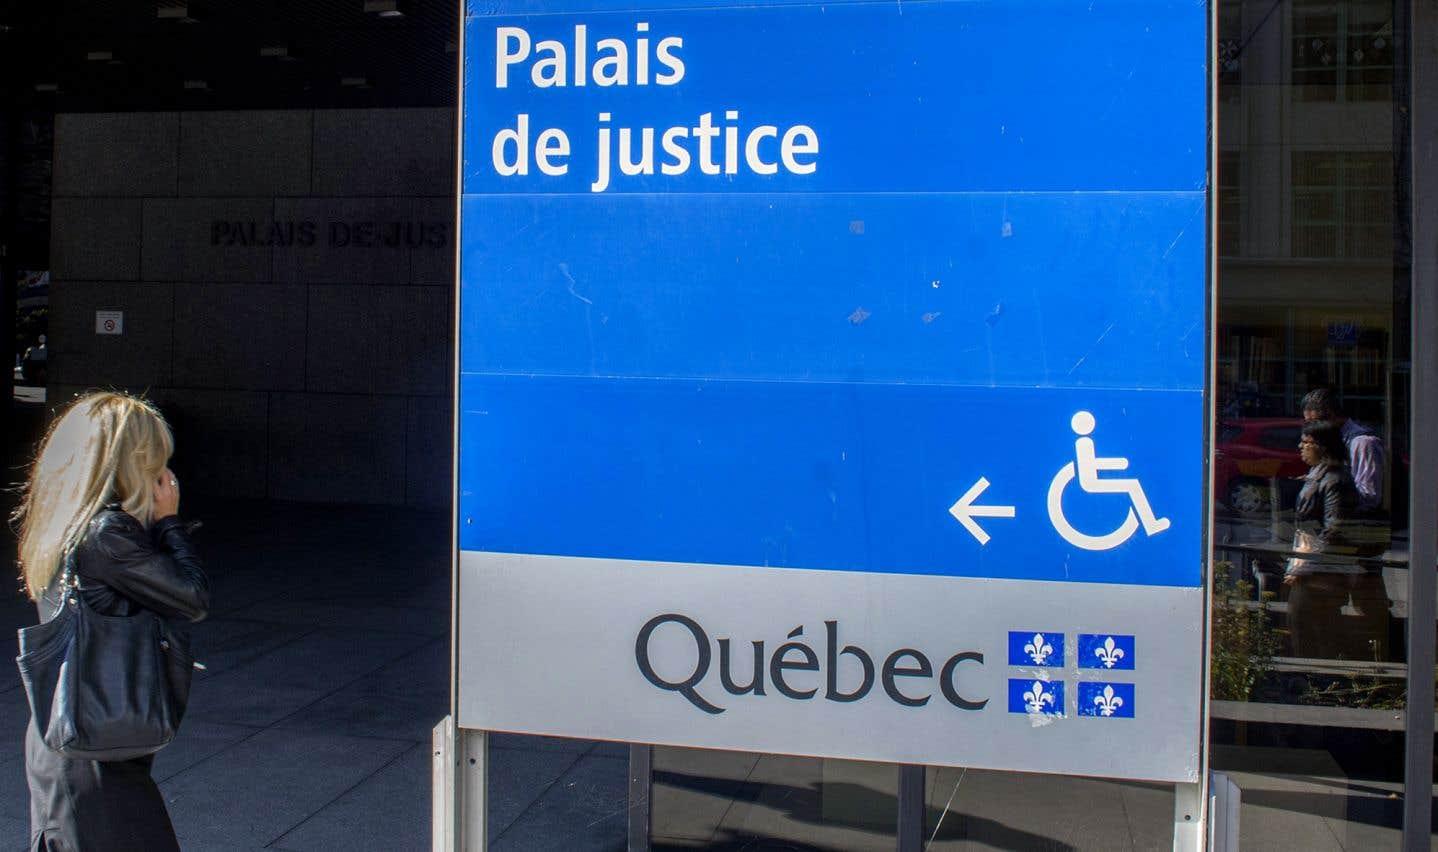 Le juge Beaupré a notamment considéré comme facteur atténuant le fait que M.Livernoche avait 23 années d'ancienneté et un dossier disciplinaire vierge.